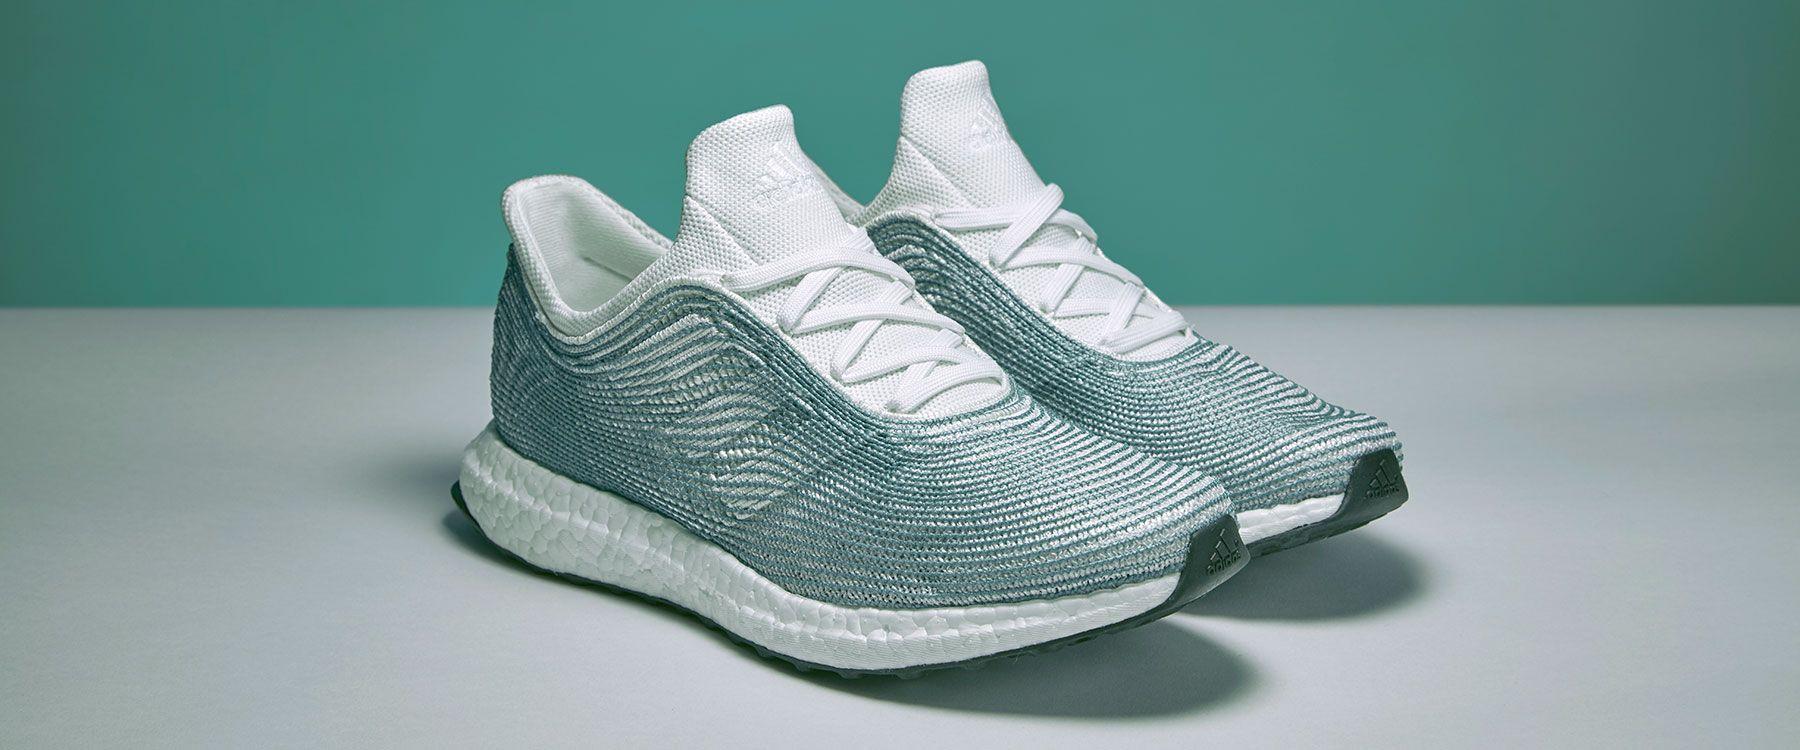 adidas ocean plastic schuhe